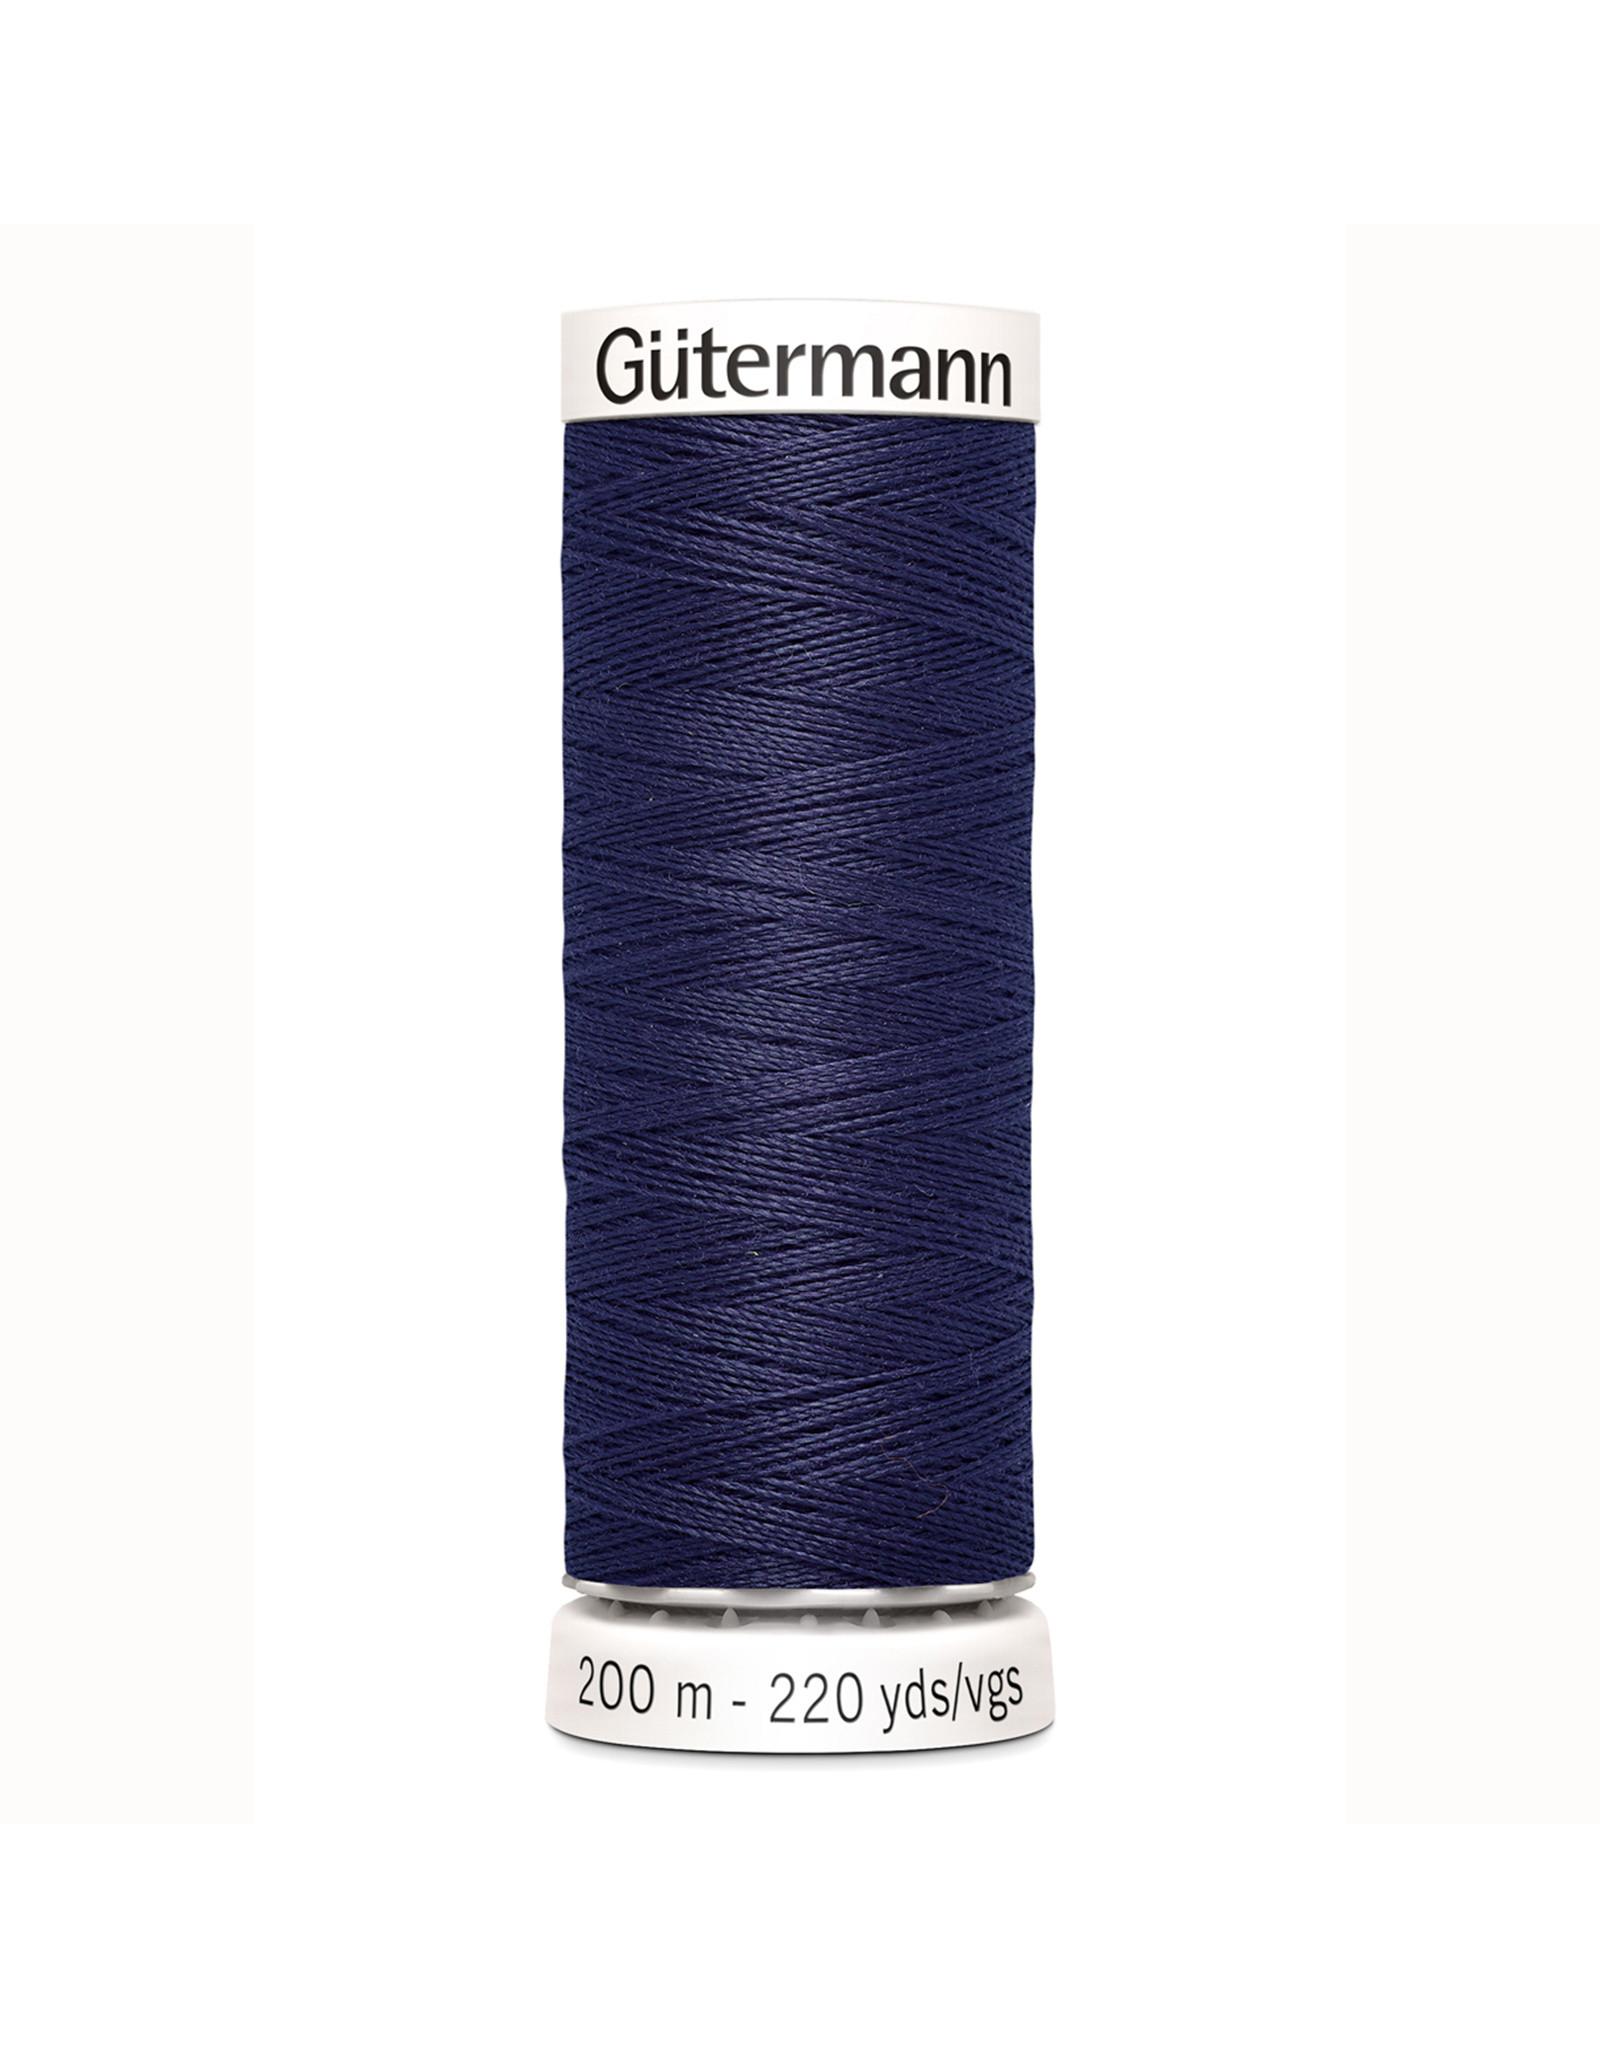 Gütermann Gütermann Sewing Thread 200 m - nr 575